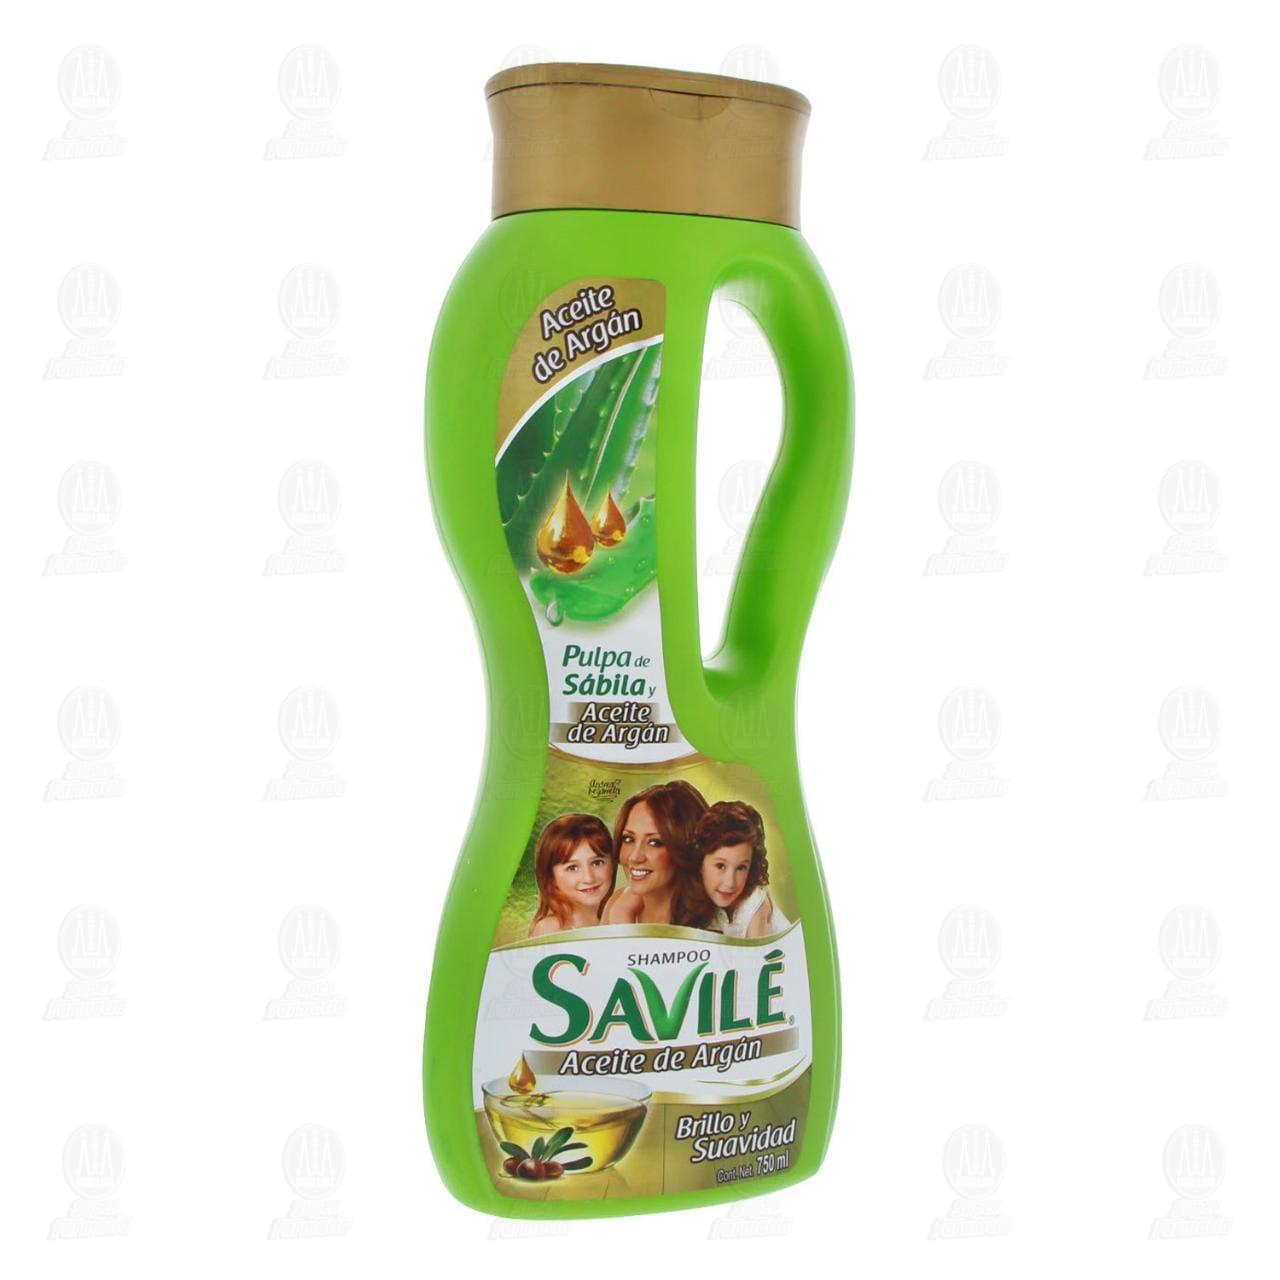 comprar https://www.movil.farmaciasguadalajara.com/wcsstore/FGCAS/wcs/products/1217860_A_1280_AL.jpg en farmacias guadalajara